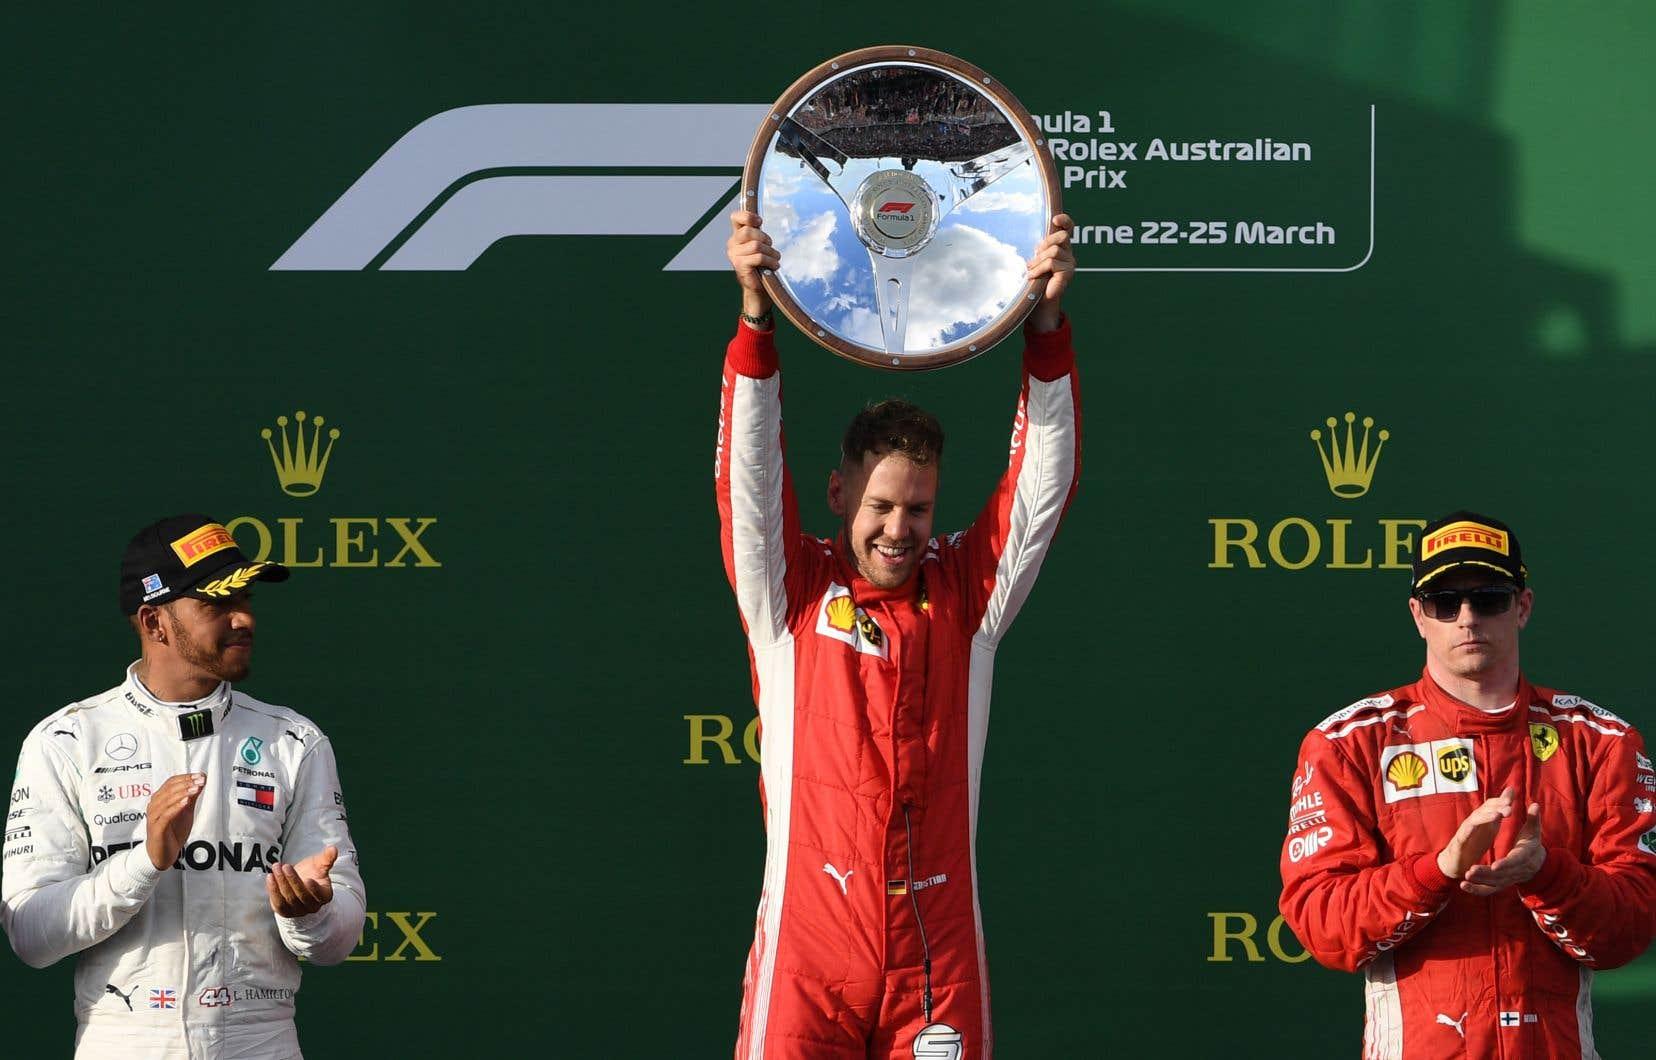 Sebastian Vettel a profité de circonstances heureuses pour remporter le premier Grand Prix de la saison 2018 de Formule 1 devant son grand rival Lewis Hamilton pourtant parti en position de tête.